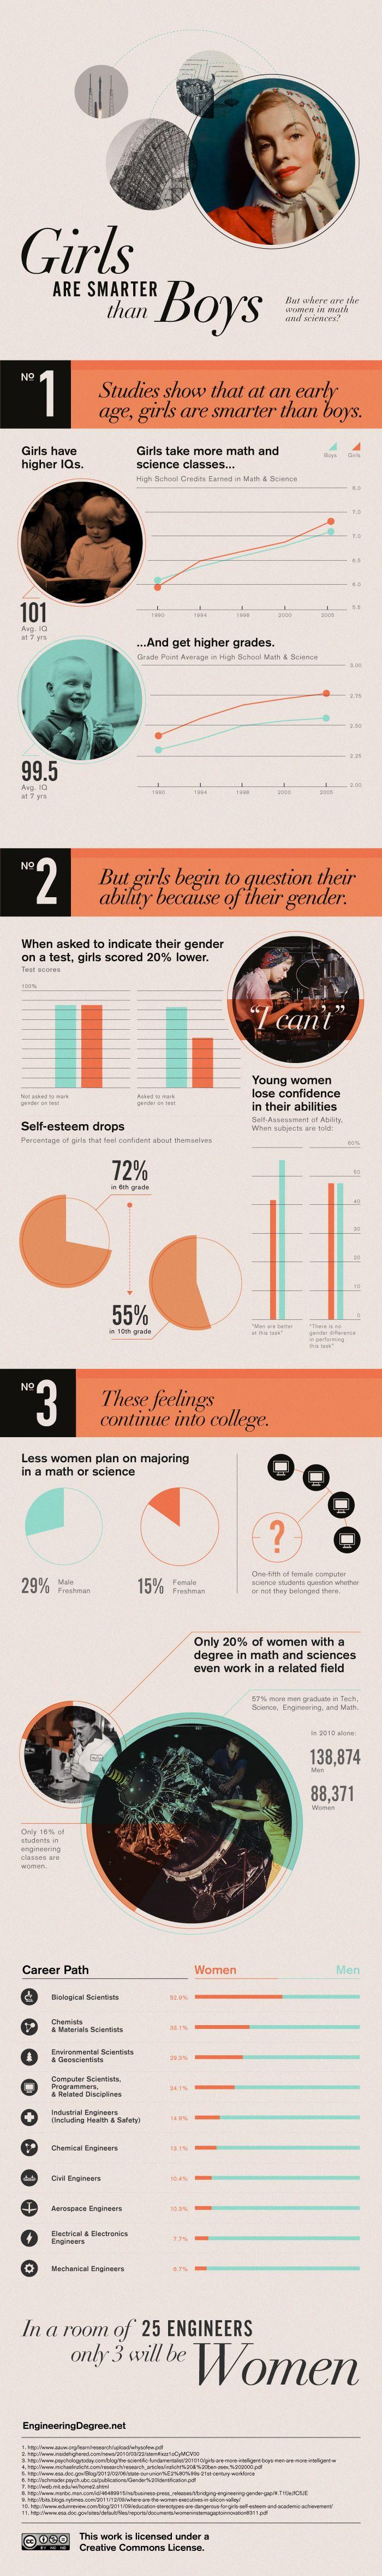 Las mujeres son más inteligentes que los hombres #infografia #infographic